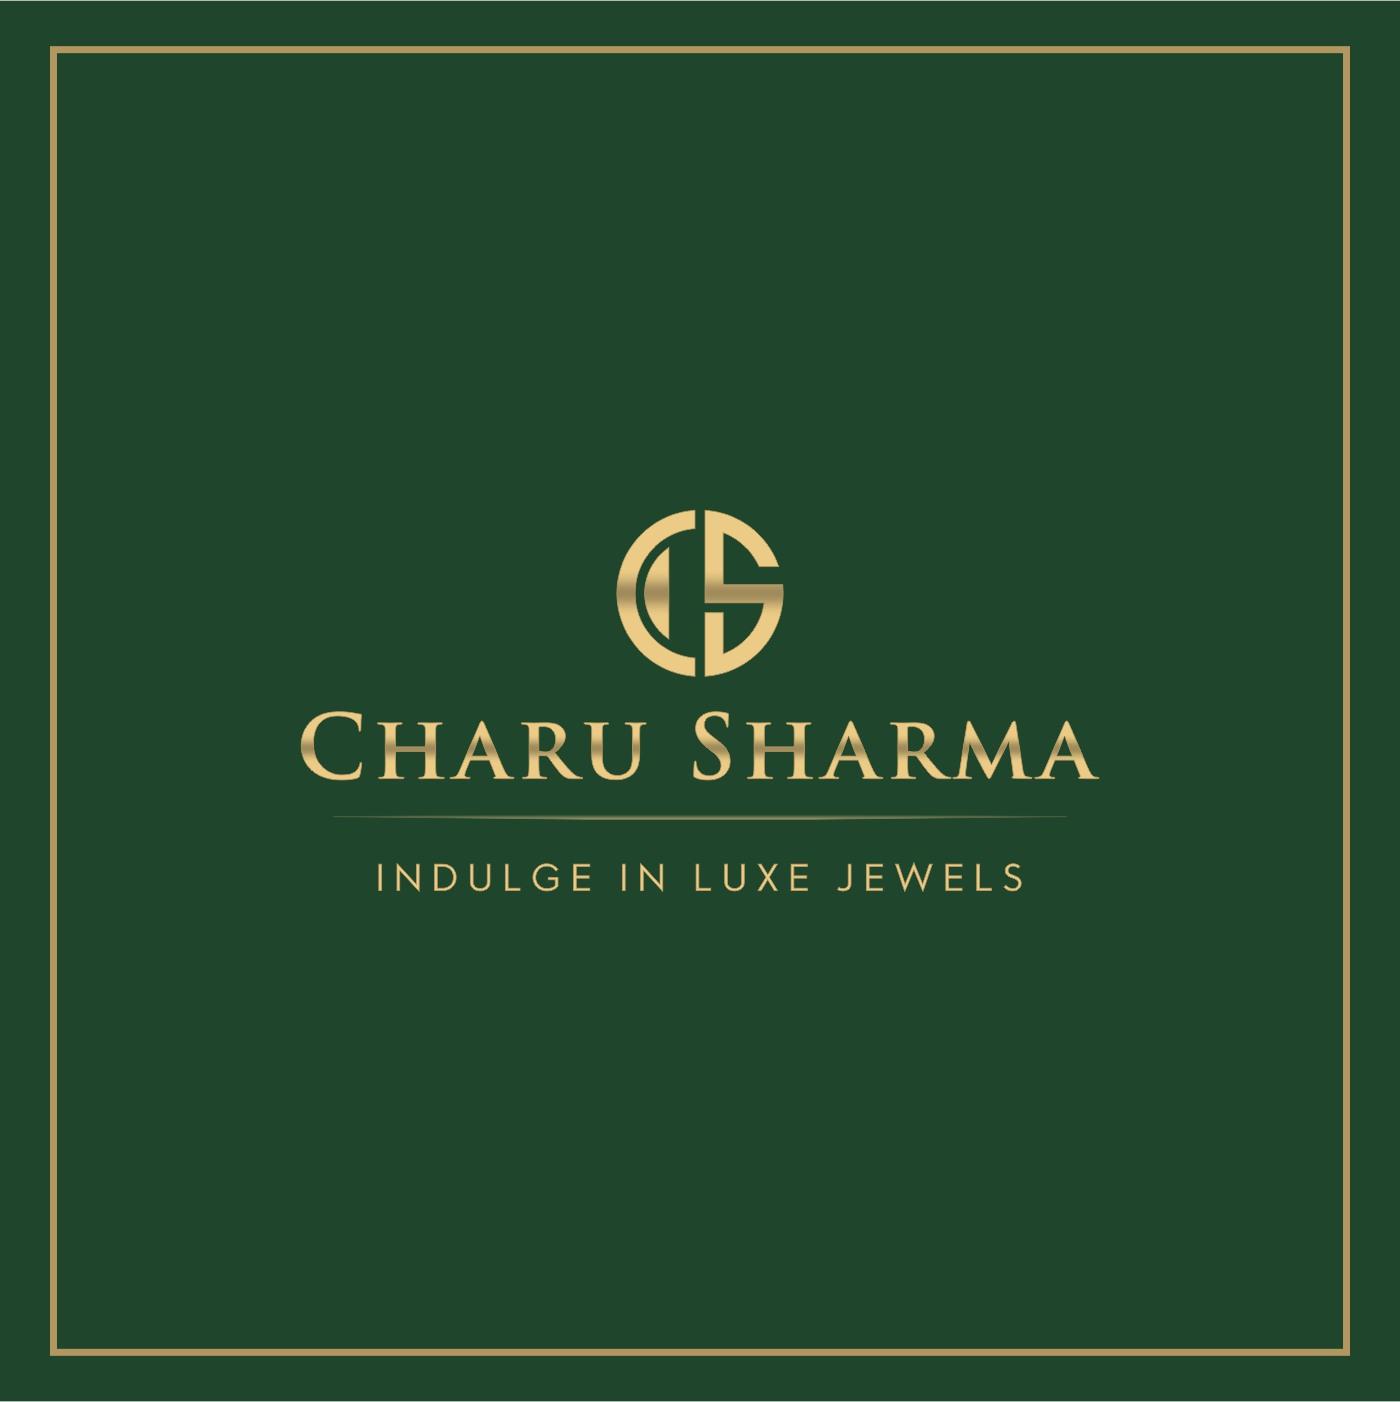 CHARU SHARMA_MJ_4